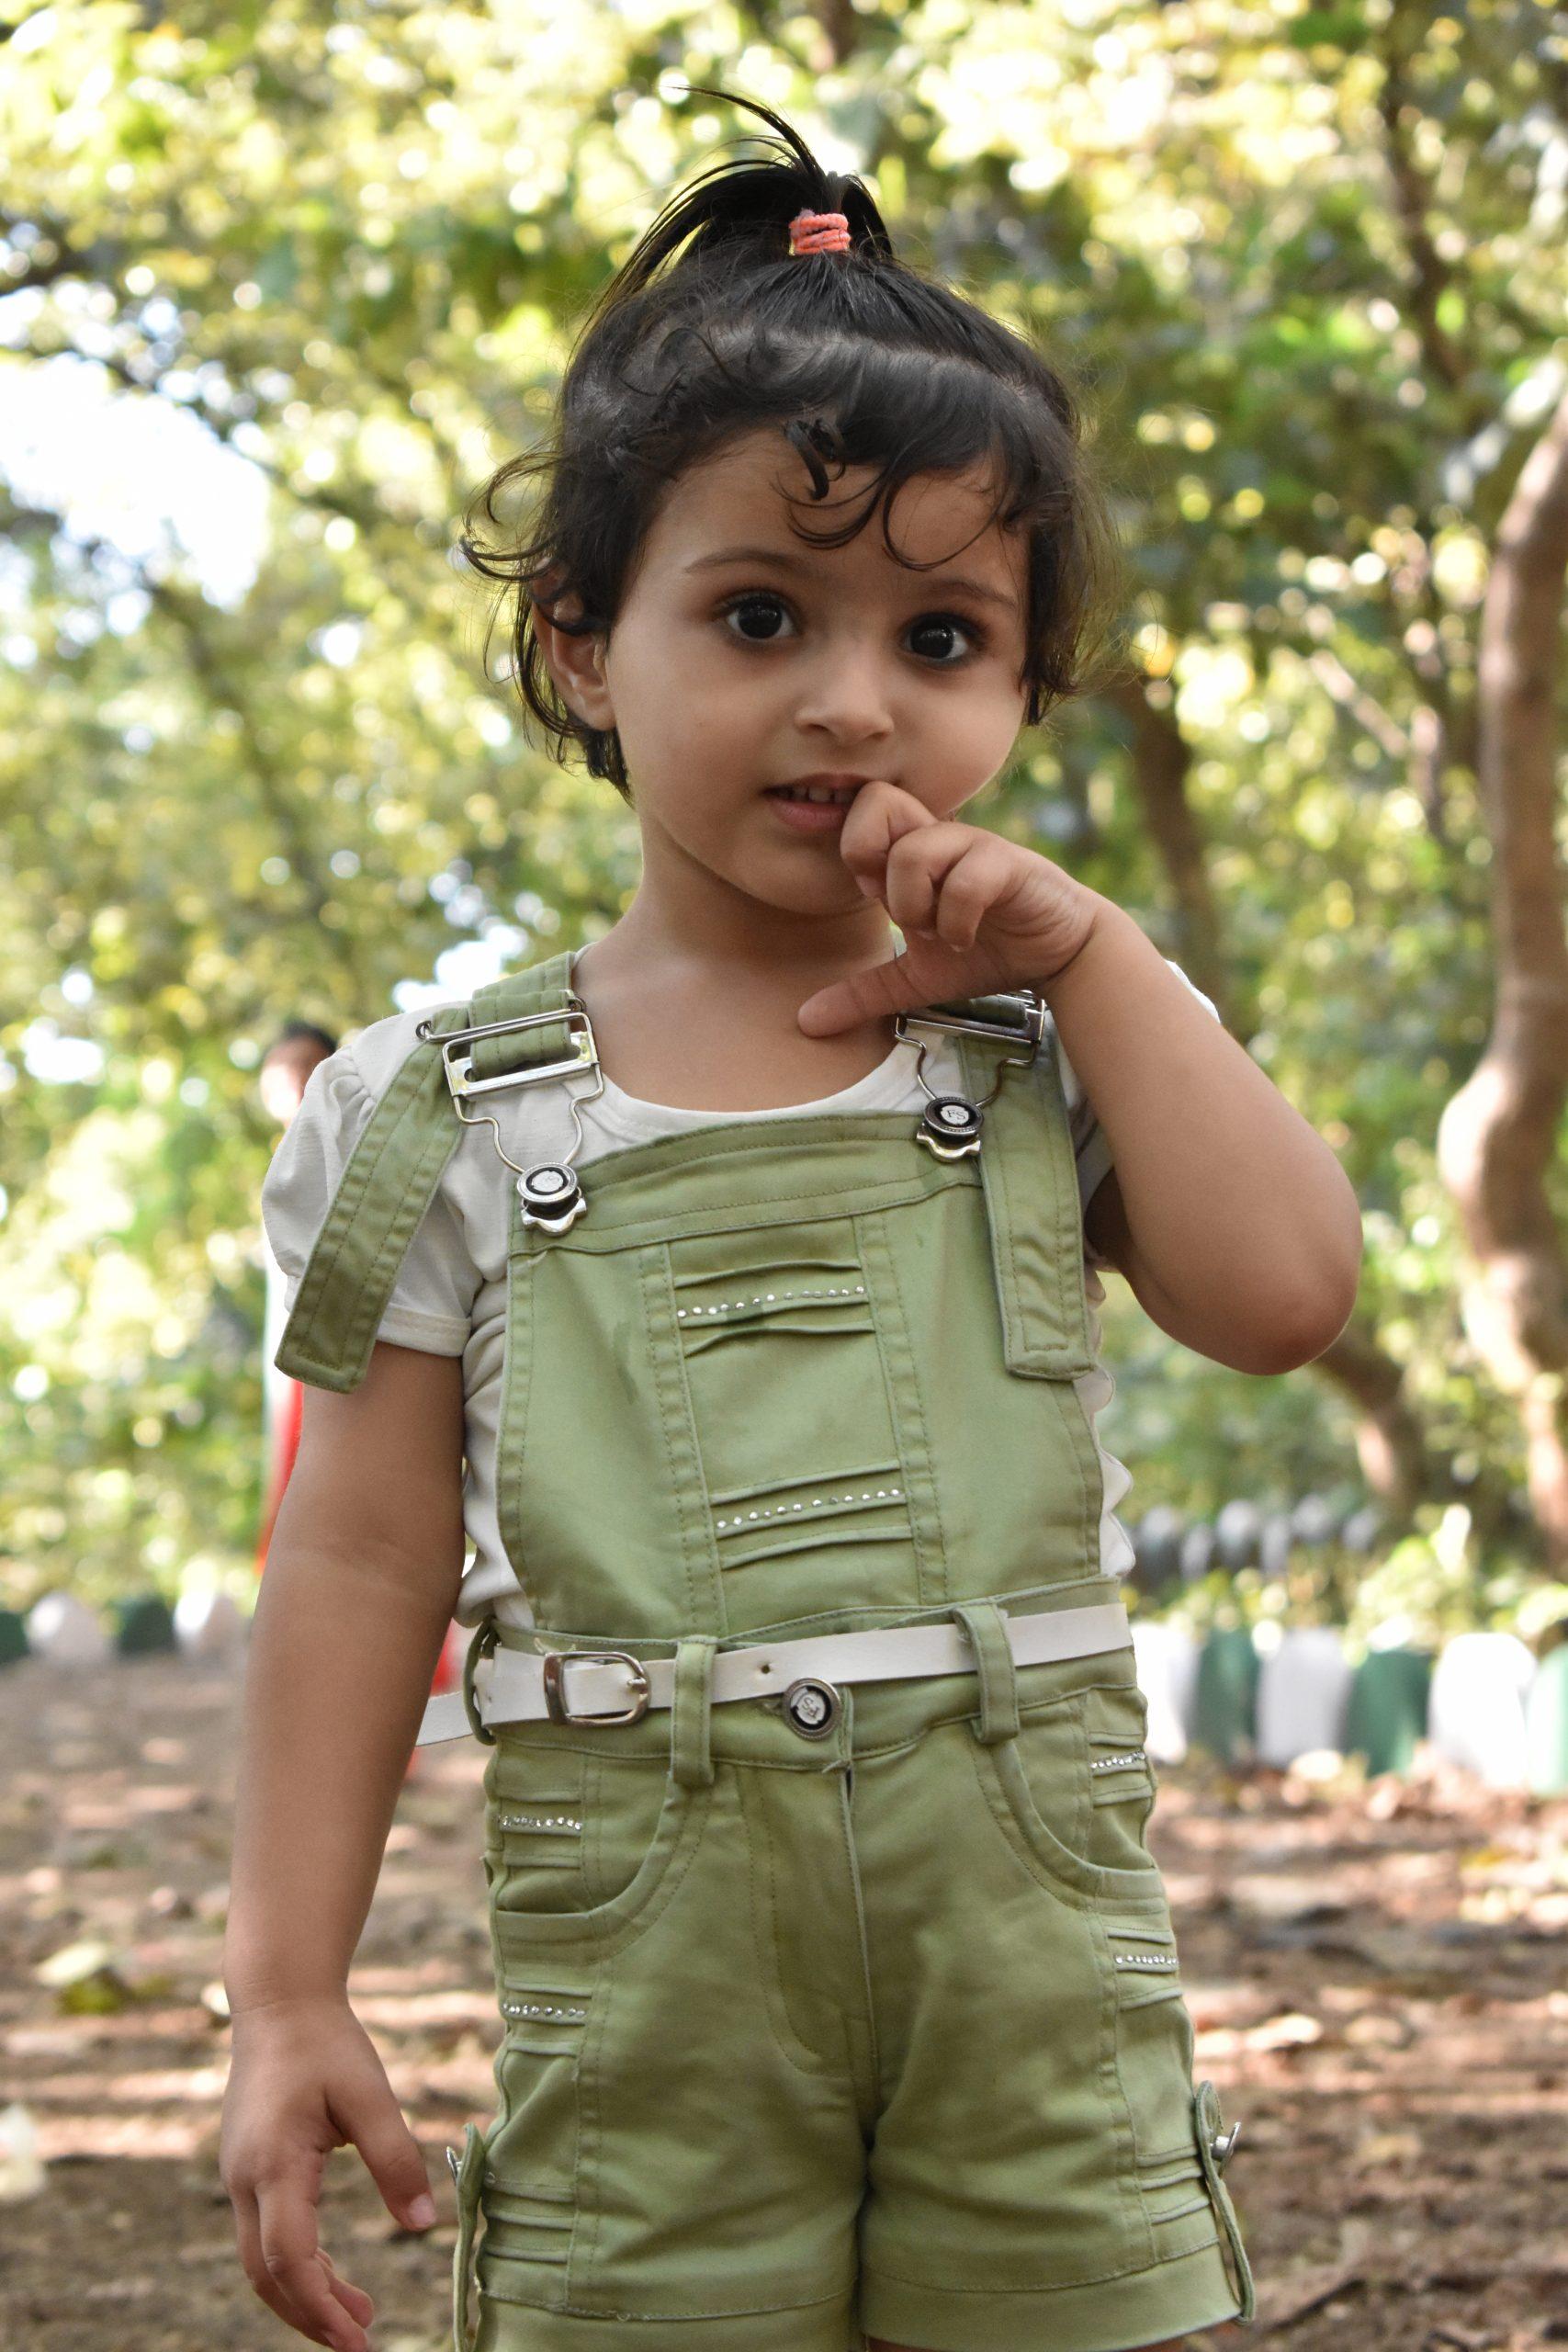 A little cute girl